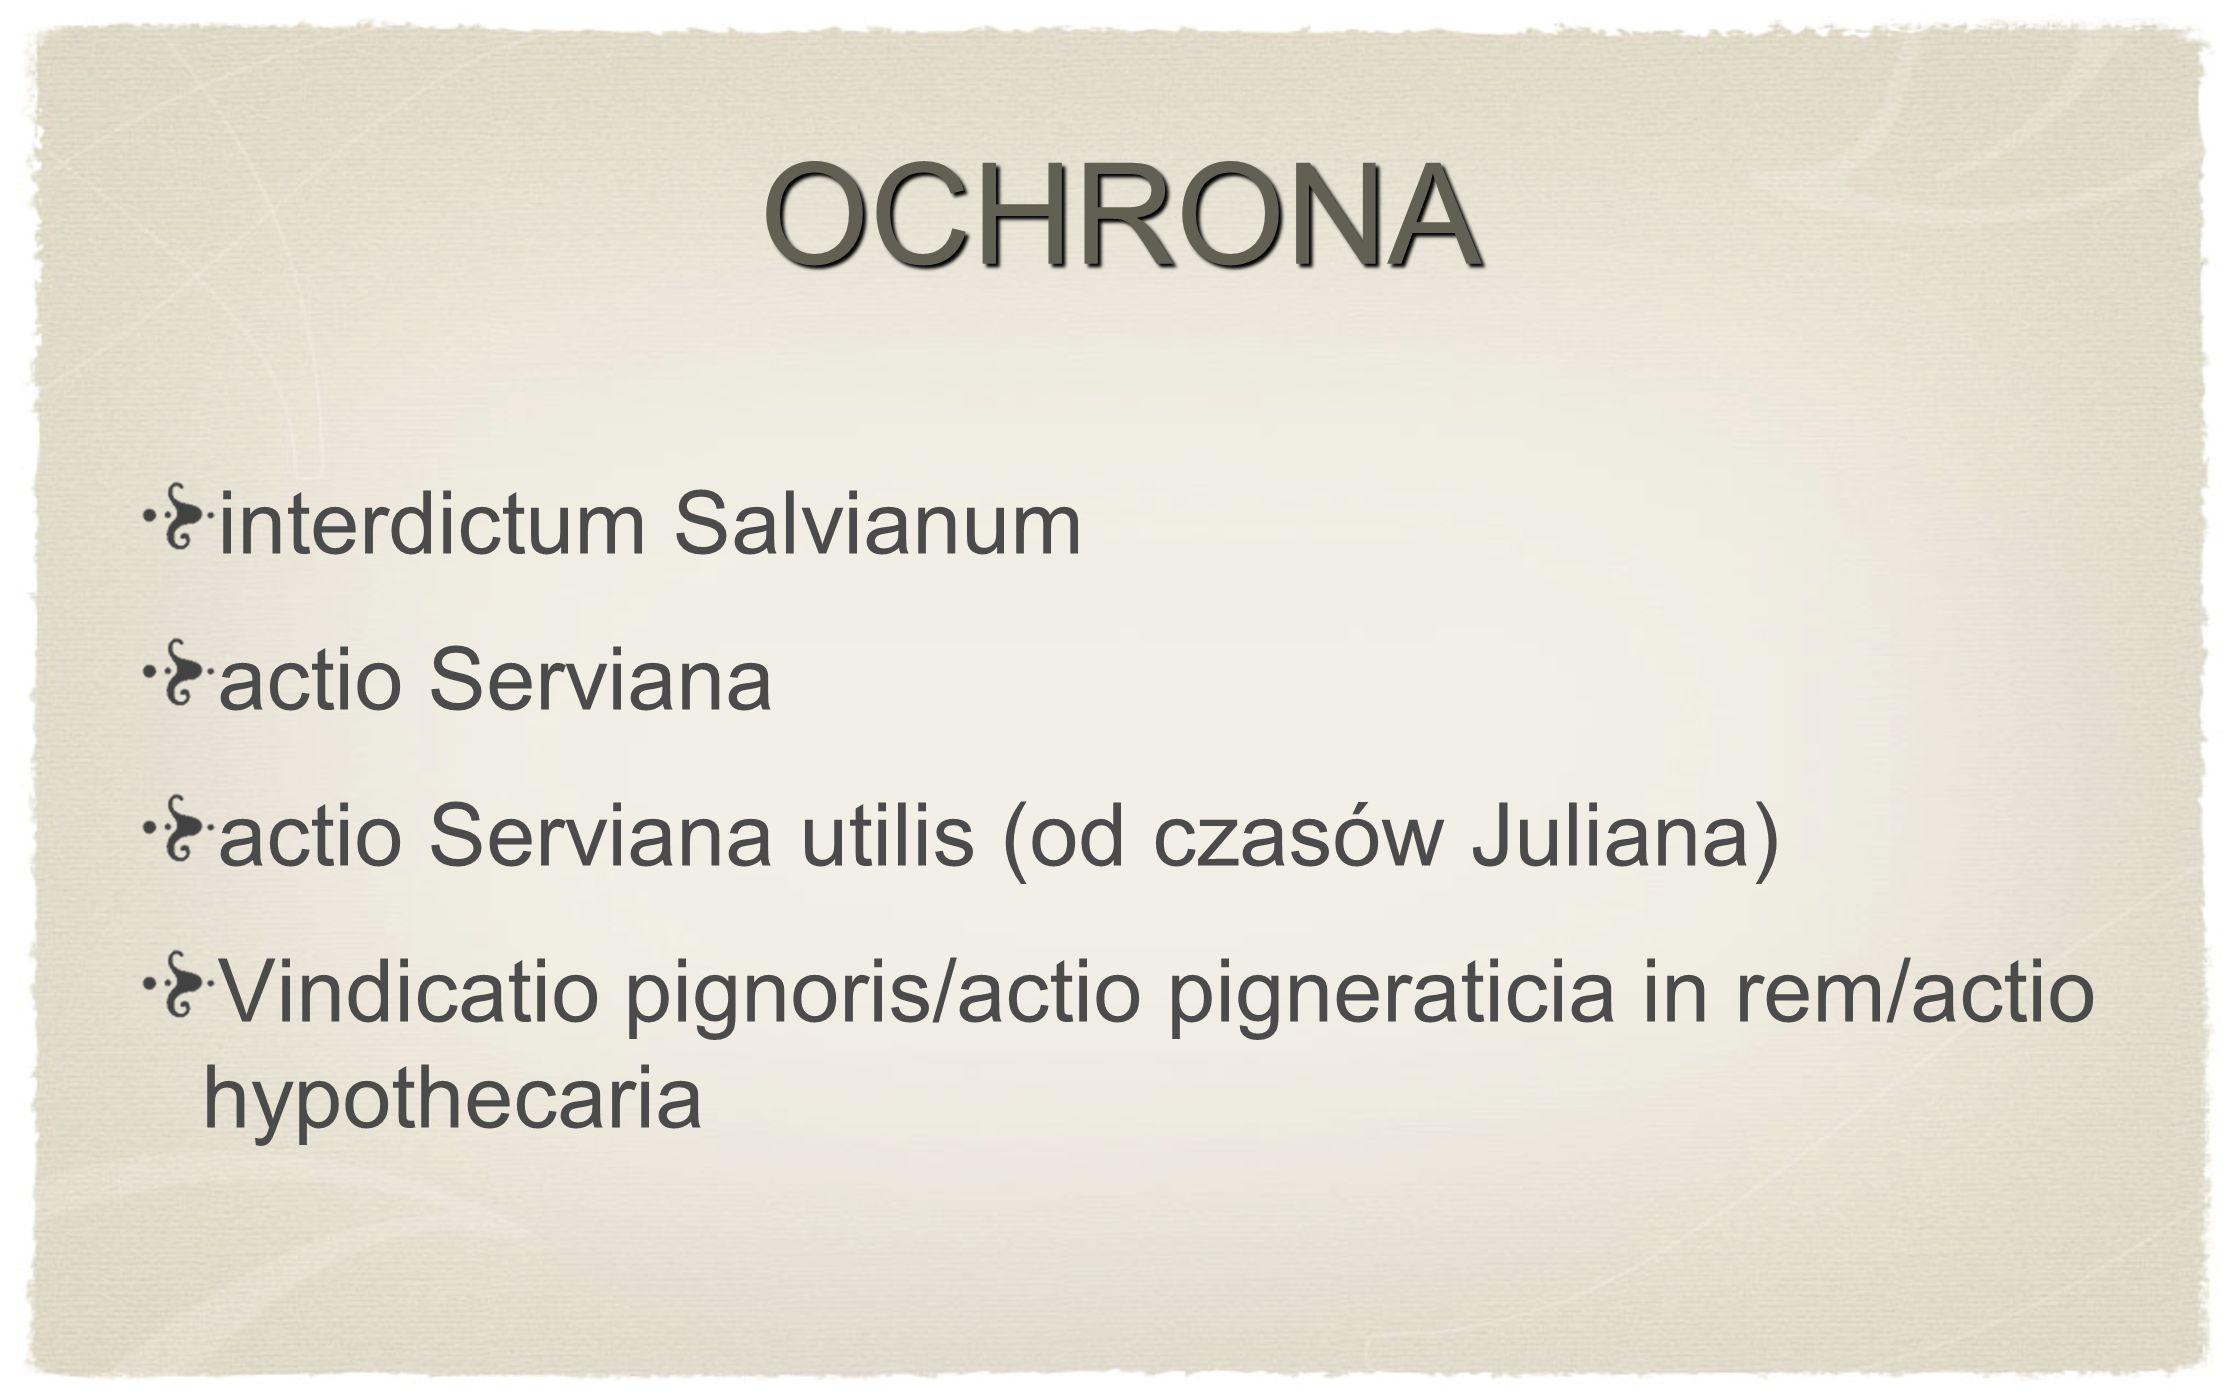 OCHRONA interdictum Salvianum actio Serviana actio Serviana utilis (od czasów Juliana) Vindicatio pignoris/actio pigneraticia in rem/actio hypothecari